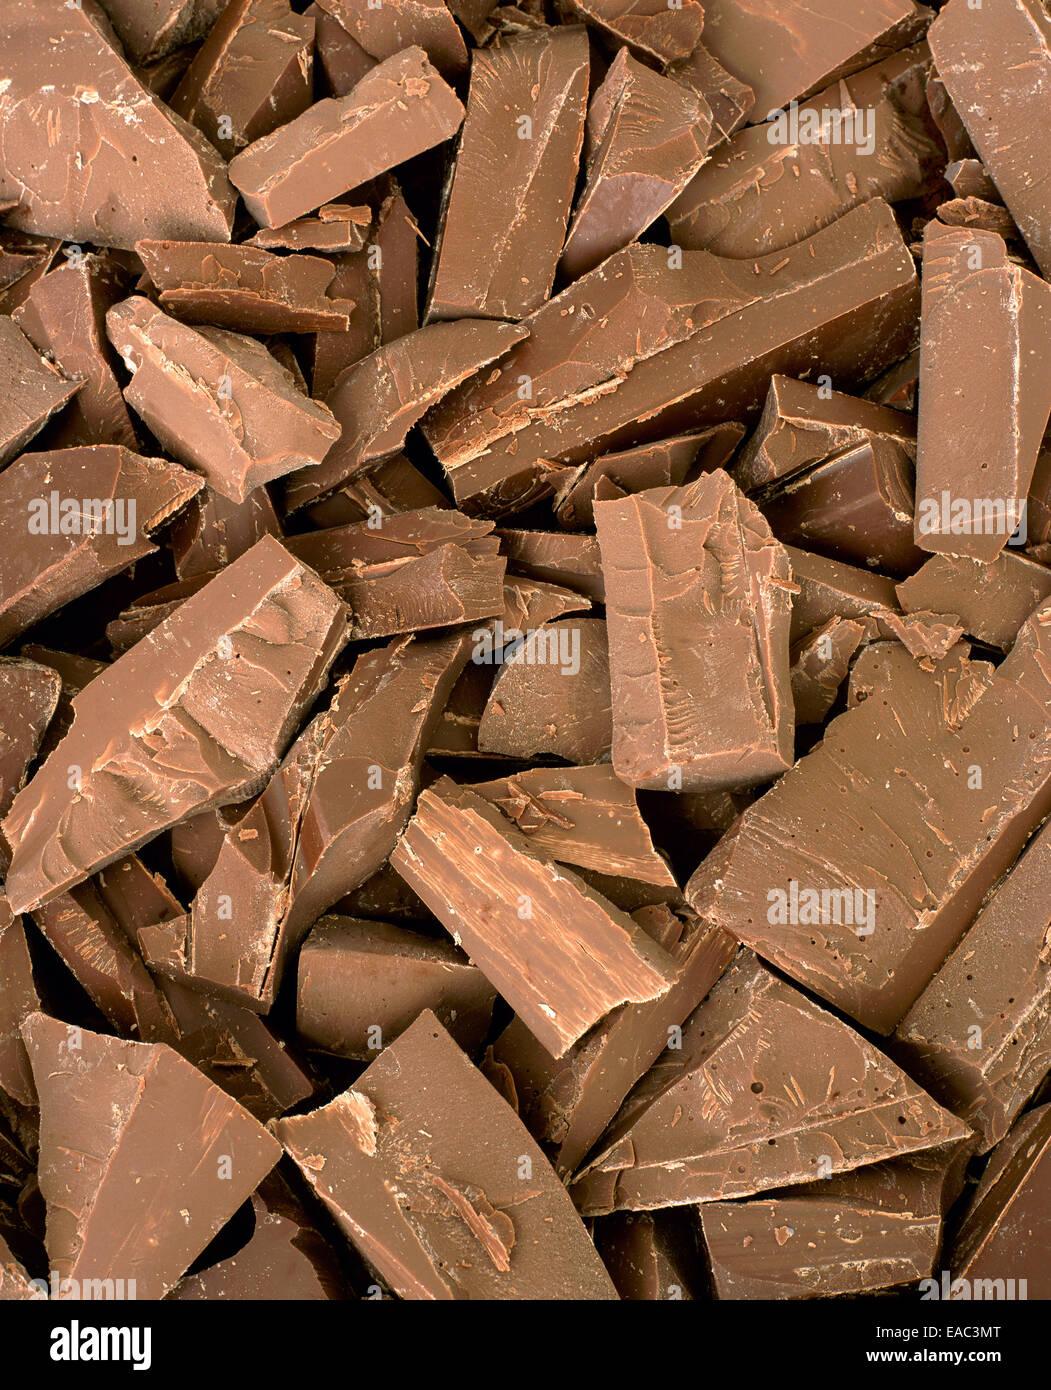 Los trozos de chocolate Imagen De Stock